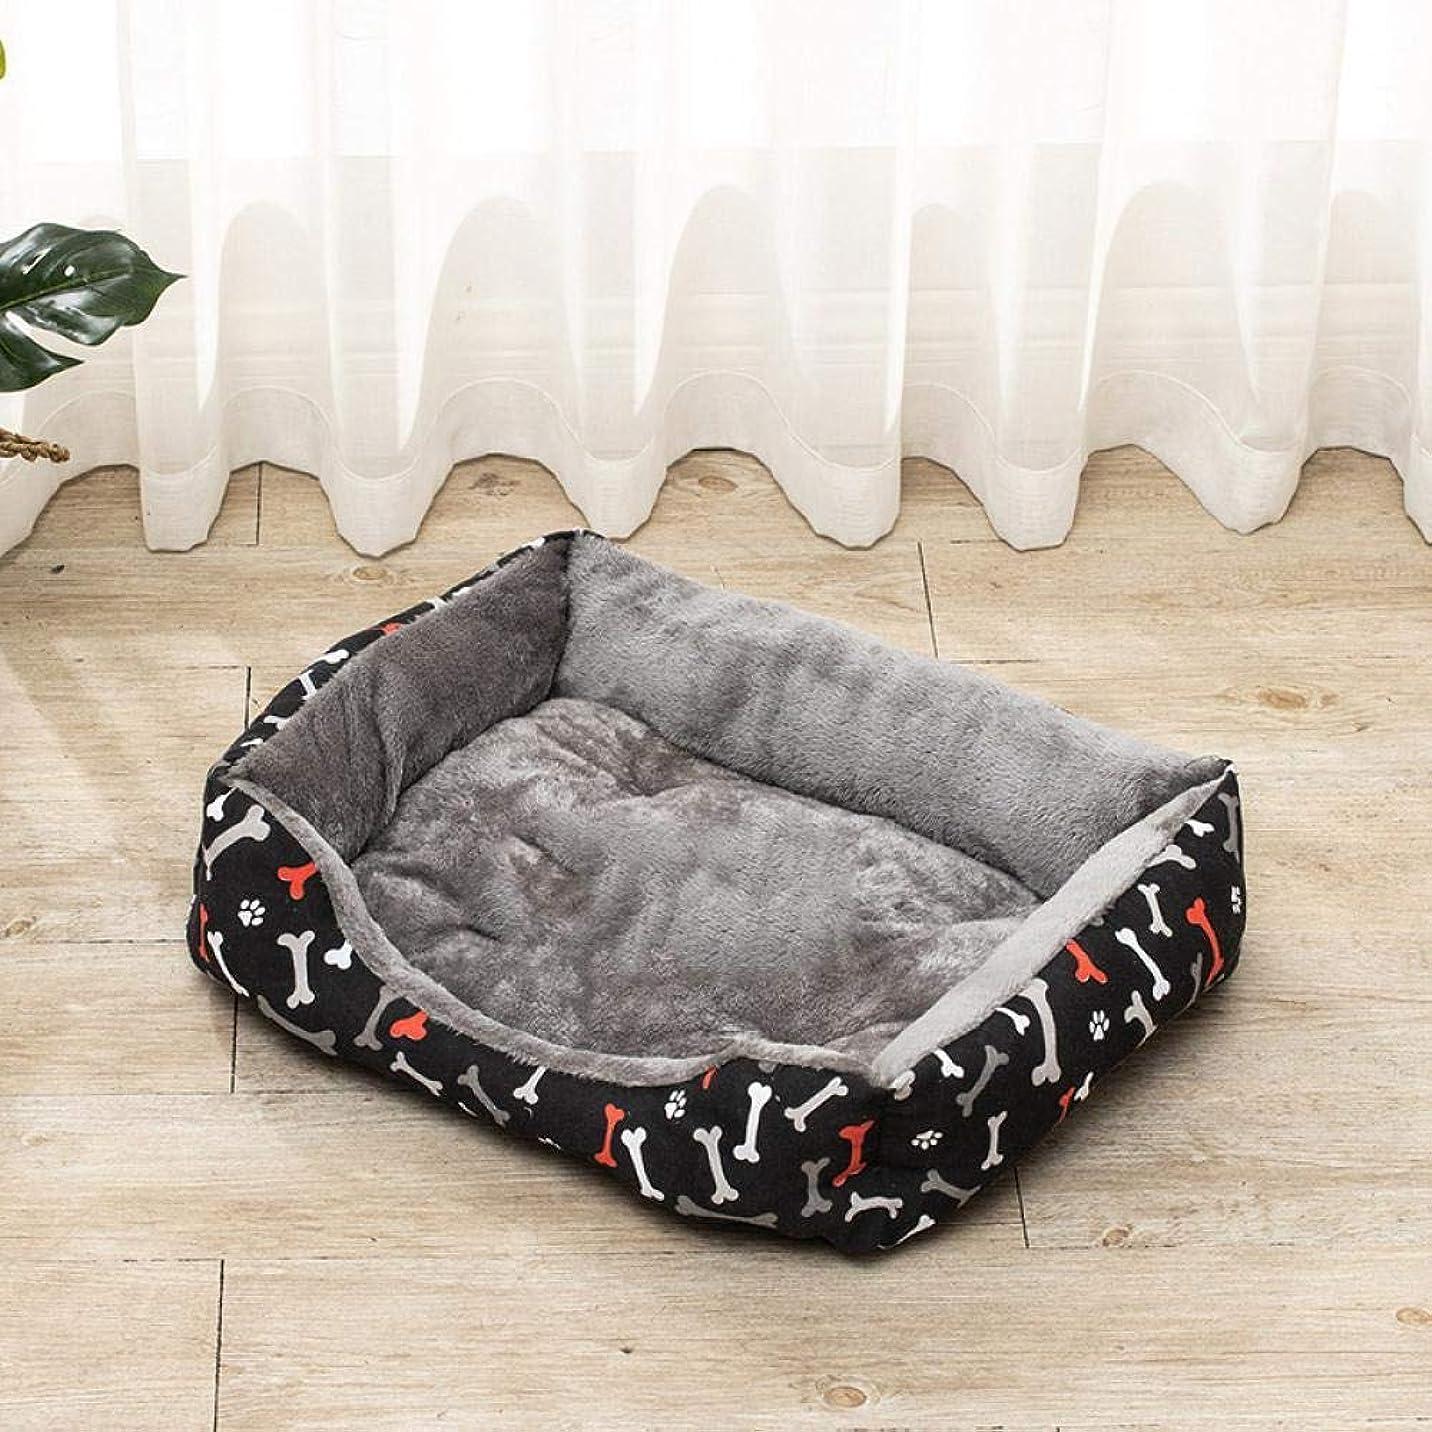 にもかかわらず柔らかい志す猫 ベッド CWYPZYD 犬 ベッド ペットベッド大型犬小屋暖かいパッド犬小屋冬のマットペット用品小中型大型犬猫M50x40cm C4